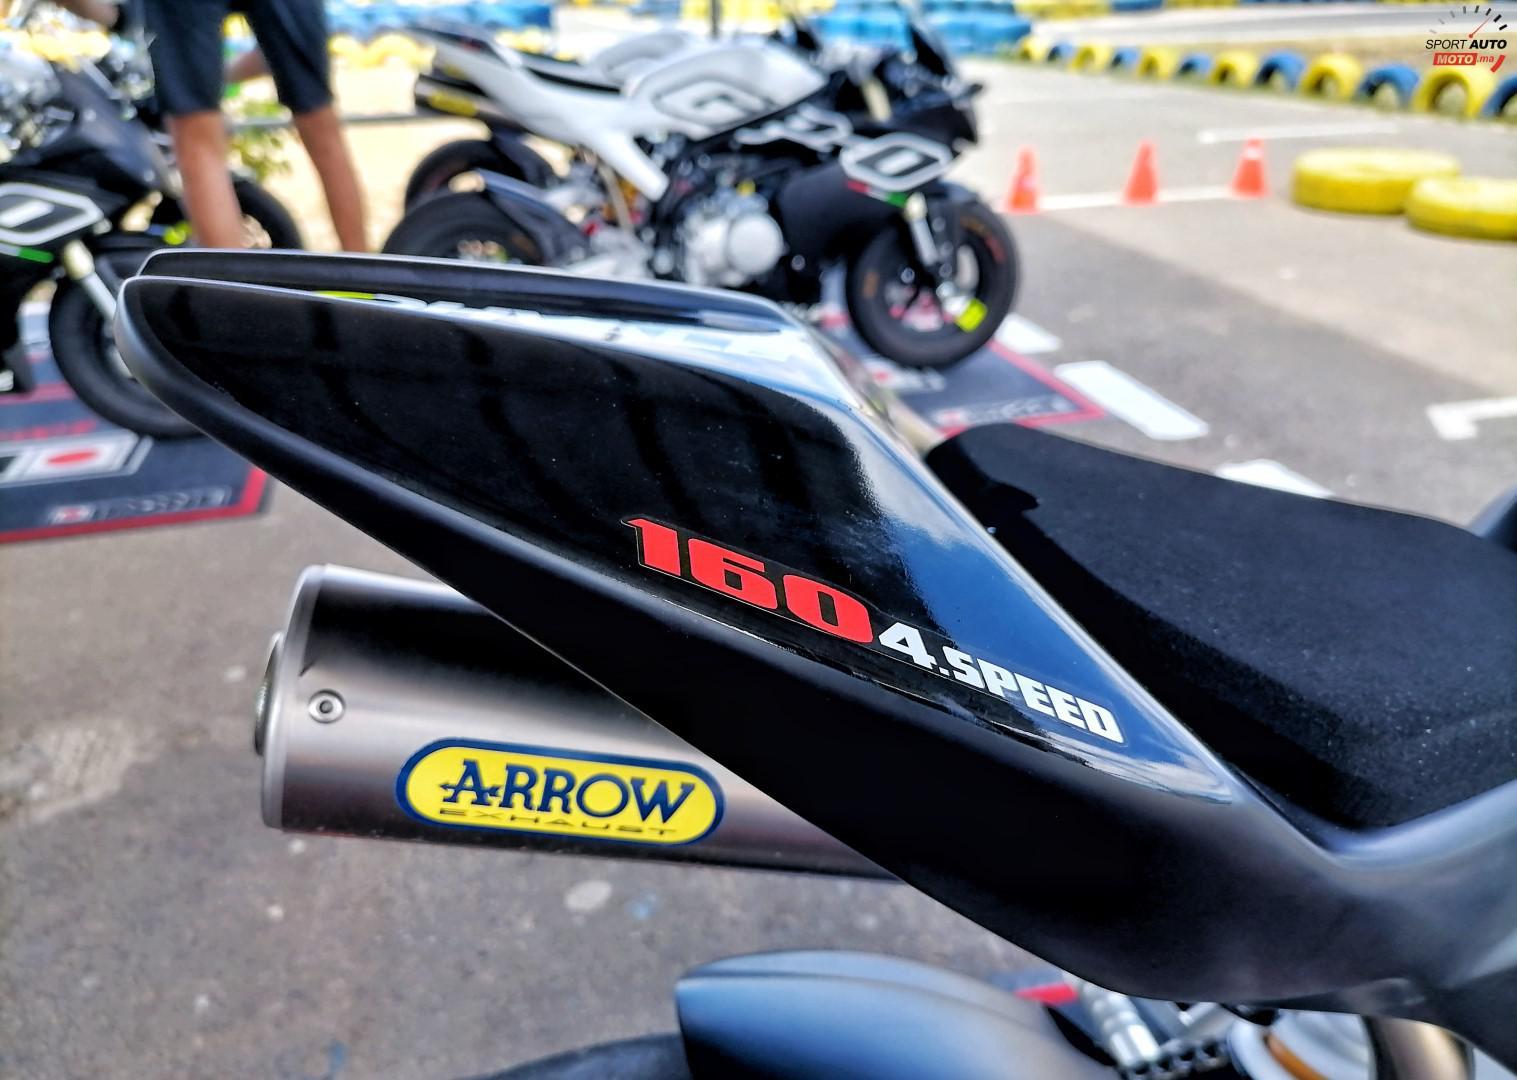 la-marque-de-moto-de-competition-ohvale-officiellement-au-maroc-1316-3.jpg